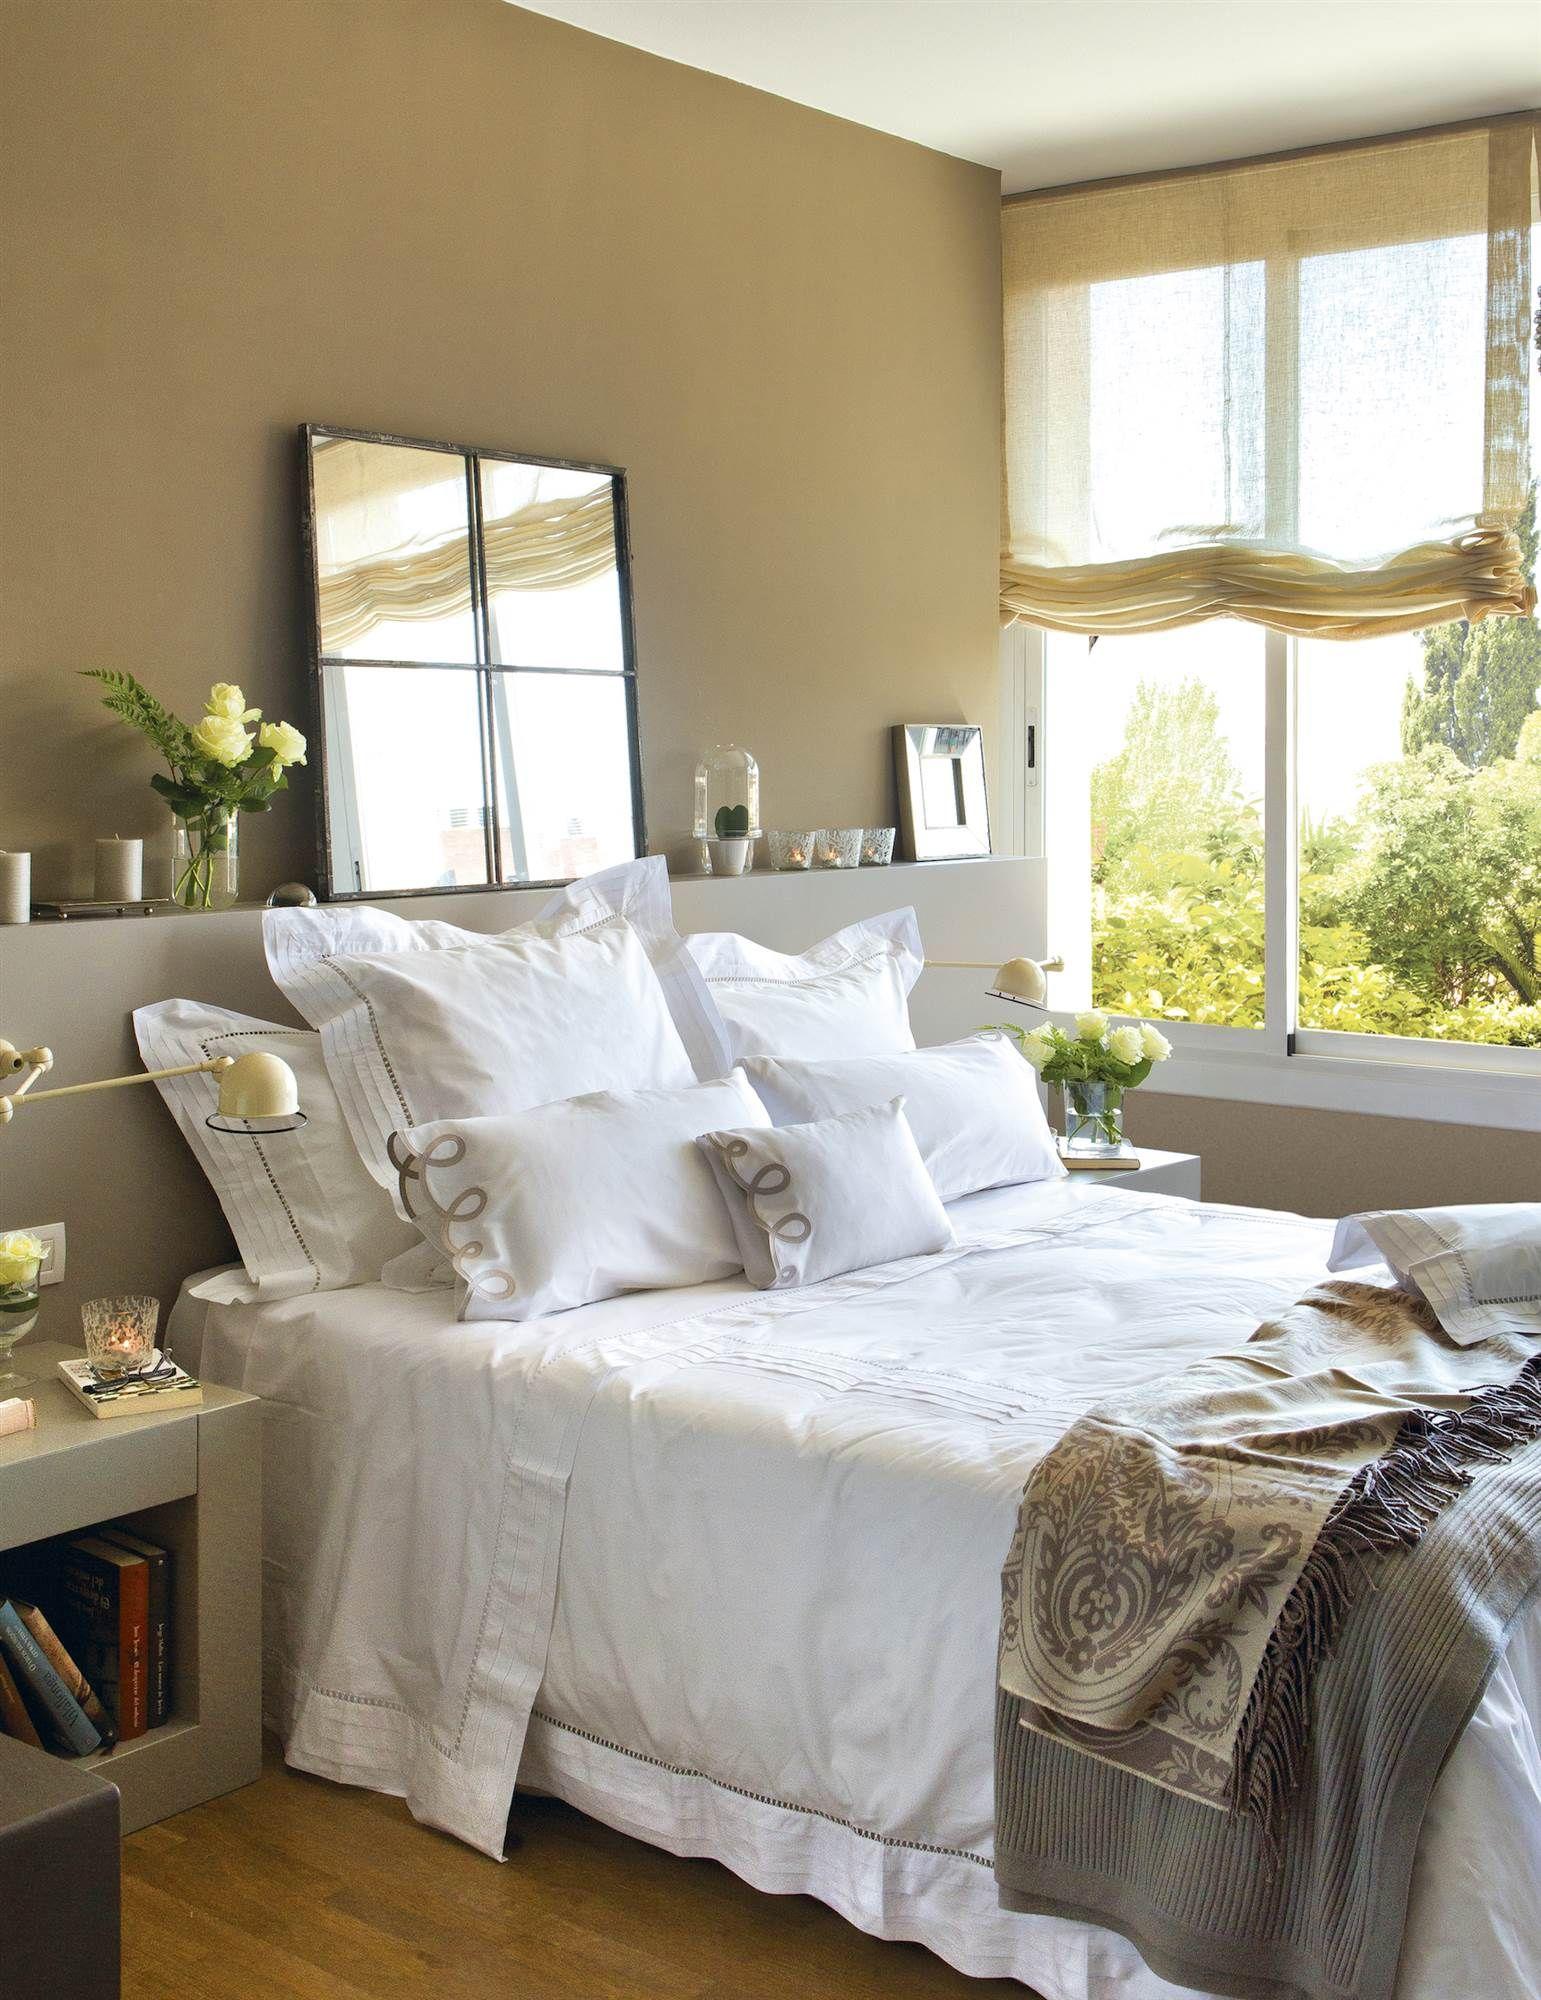 9 ideas para decorar la pared del cabecero dormitorios - Pintar pared dormitorio ...